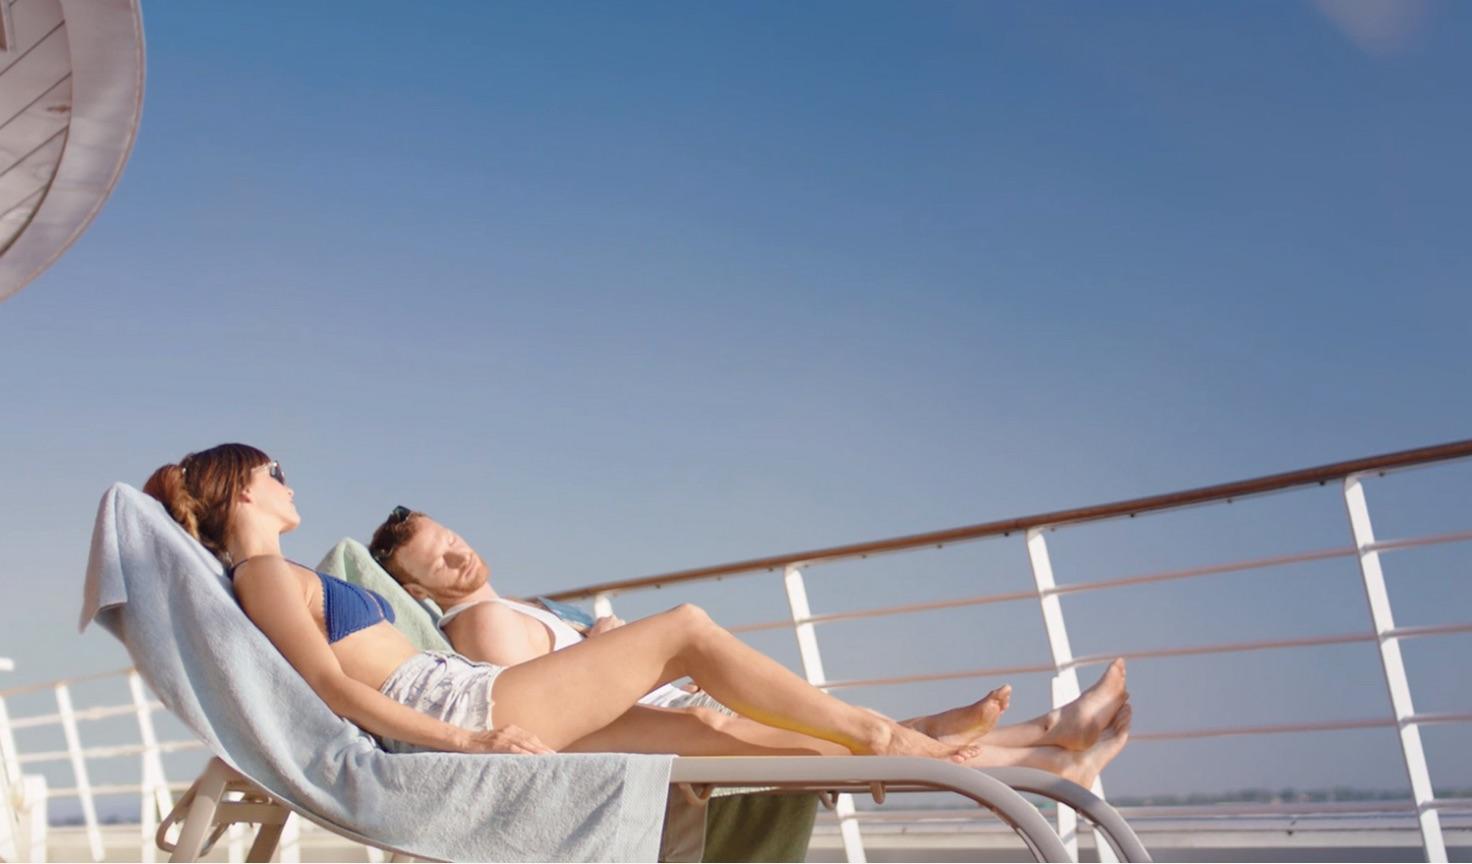 AIDA Werbekampagne © AIDA Cruises